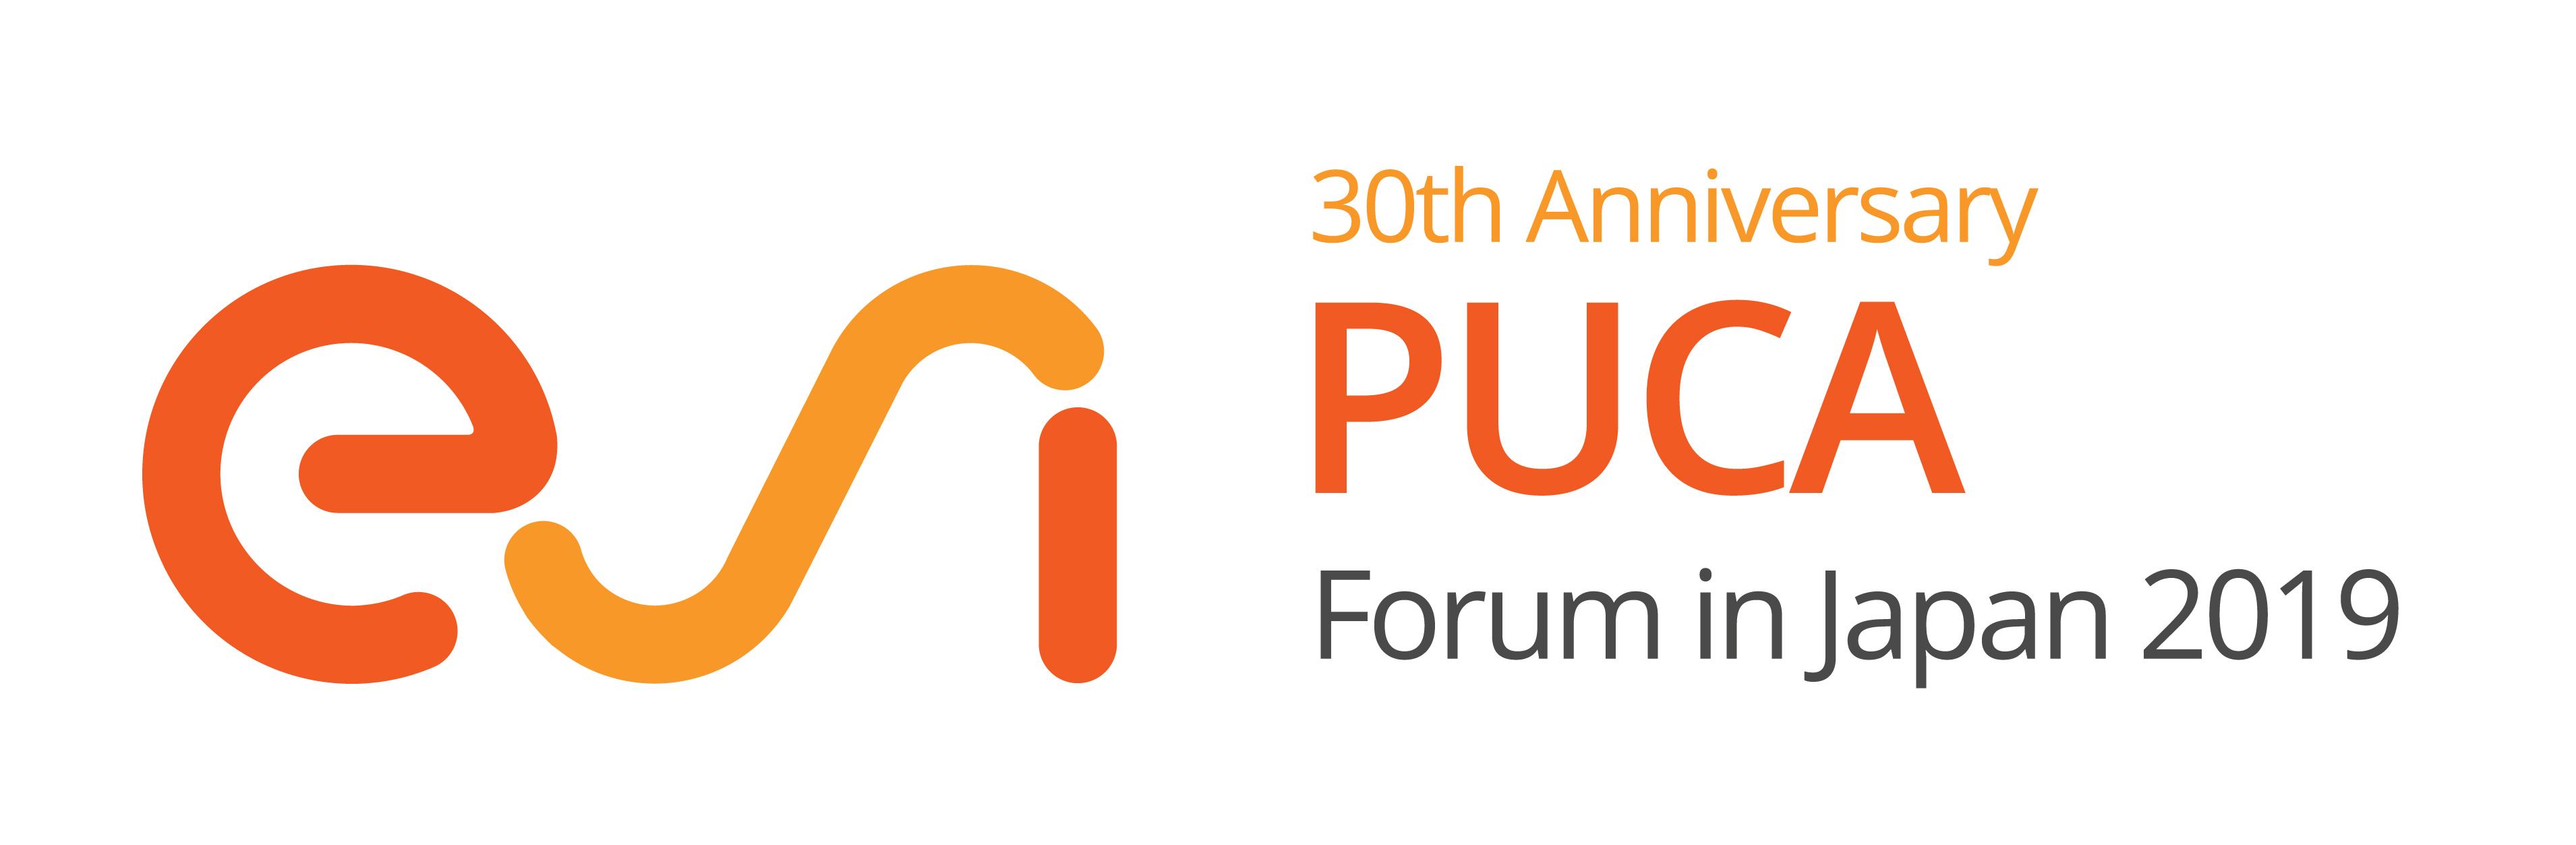 30th PUCA - ESI Users' Forum Japan-開催のご案内 11/27(水)-28(木)